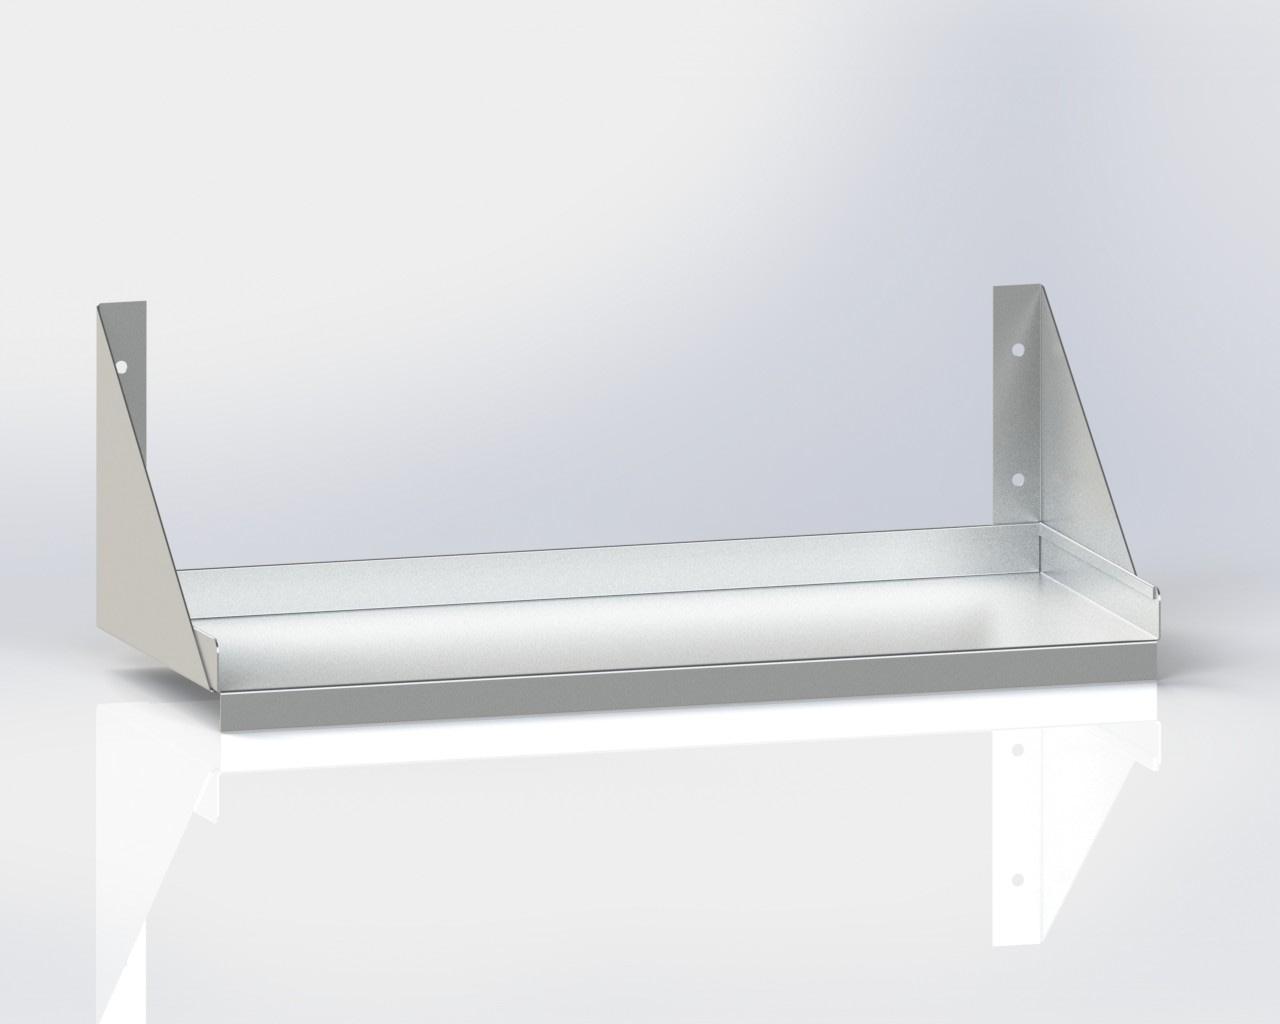 Wall Mounted Shelf /Below Bracket